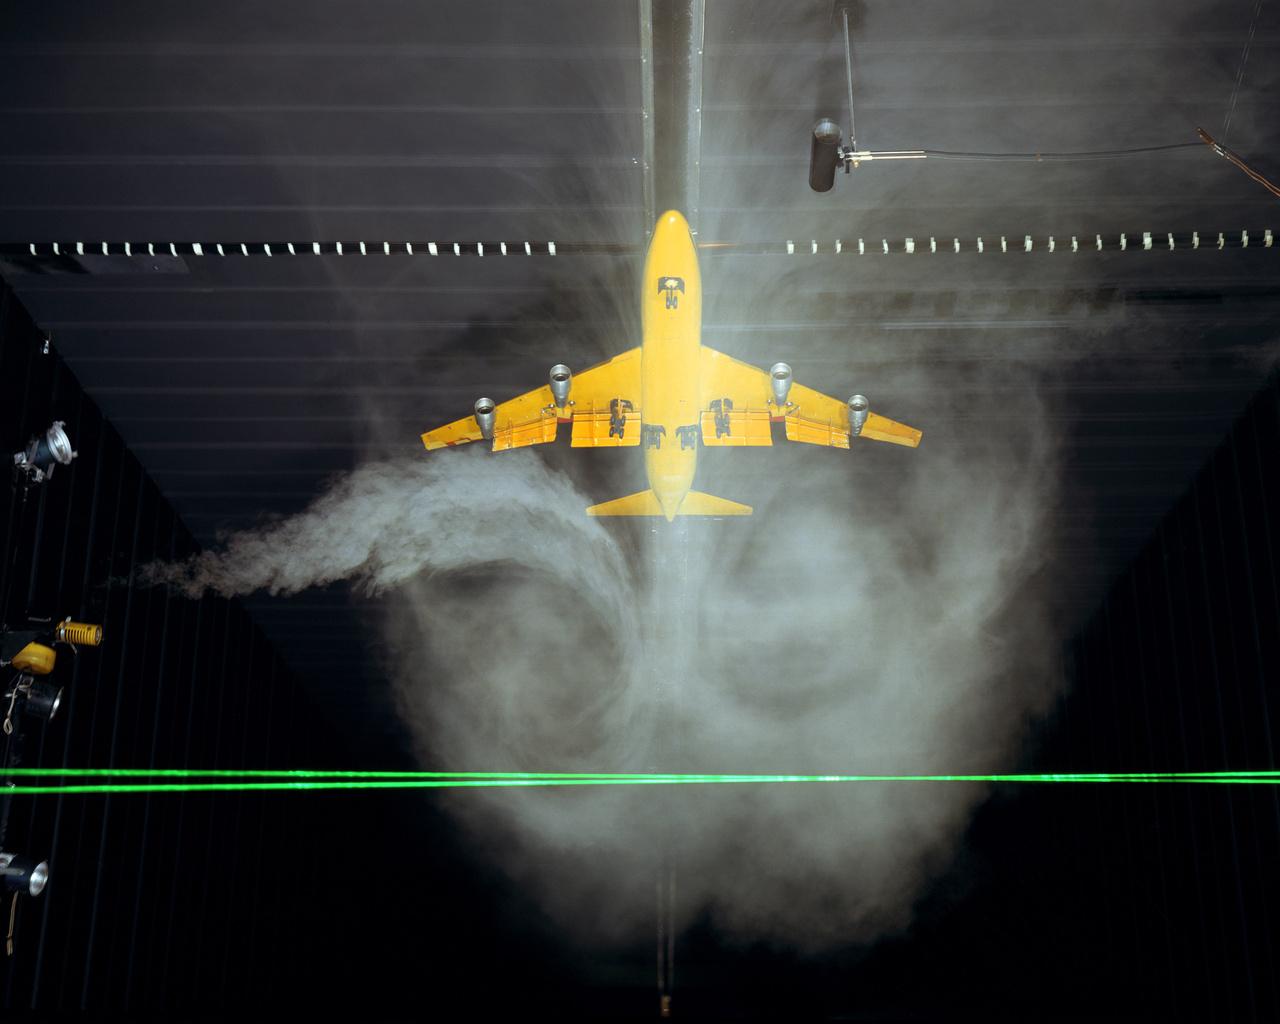 1981: utasszállító repülőgép modellje az LRC légörvényeket vizsgáló kutatólaborjában.